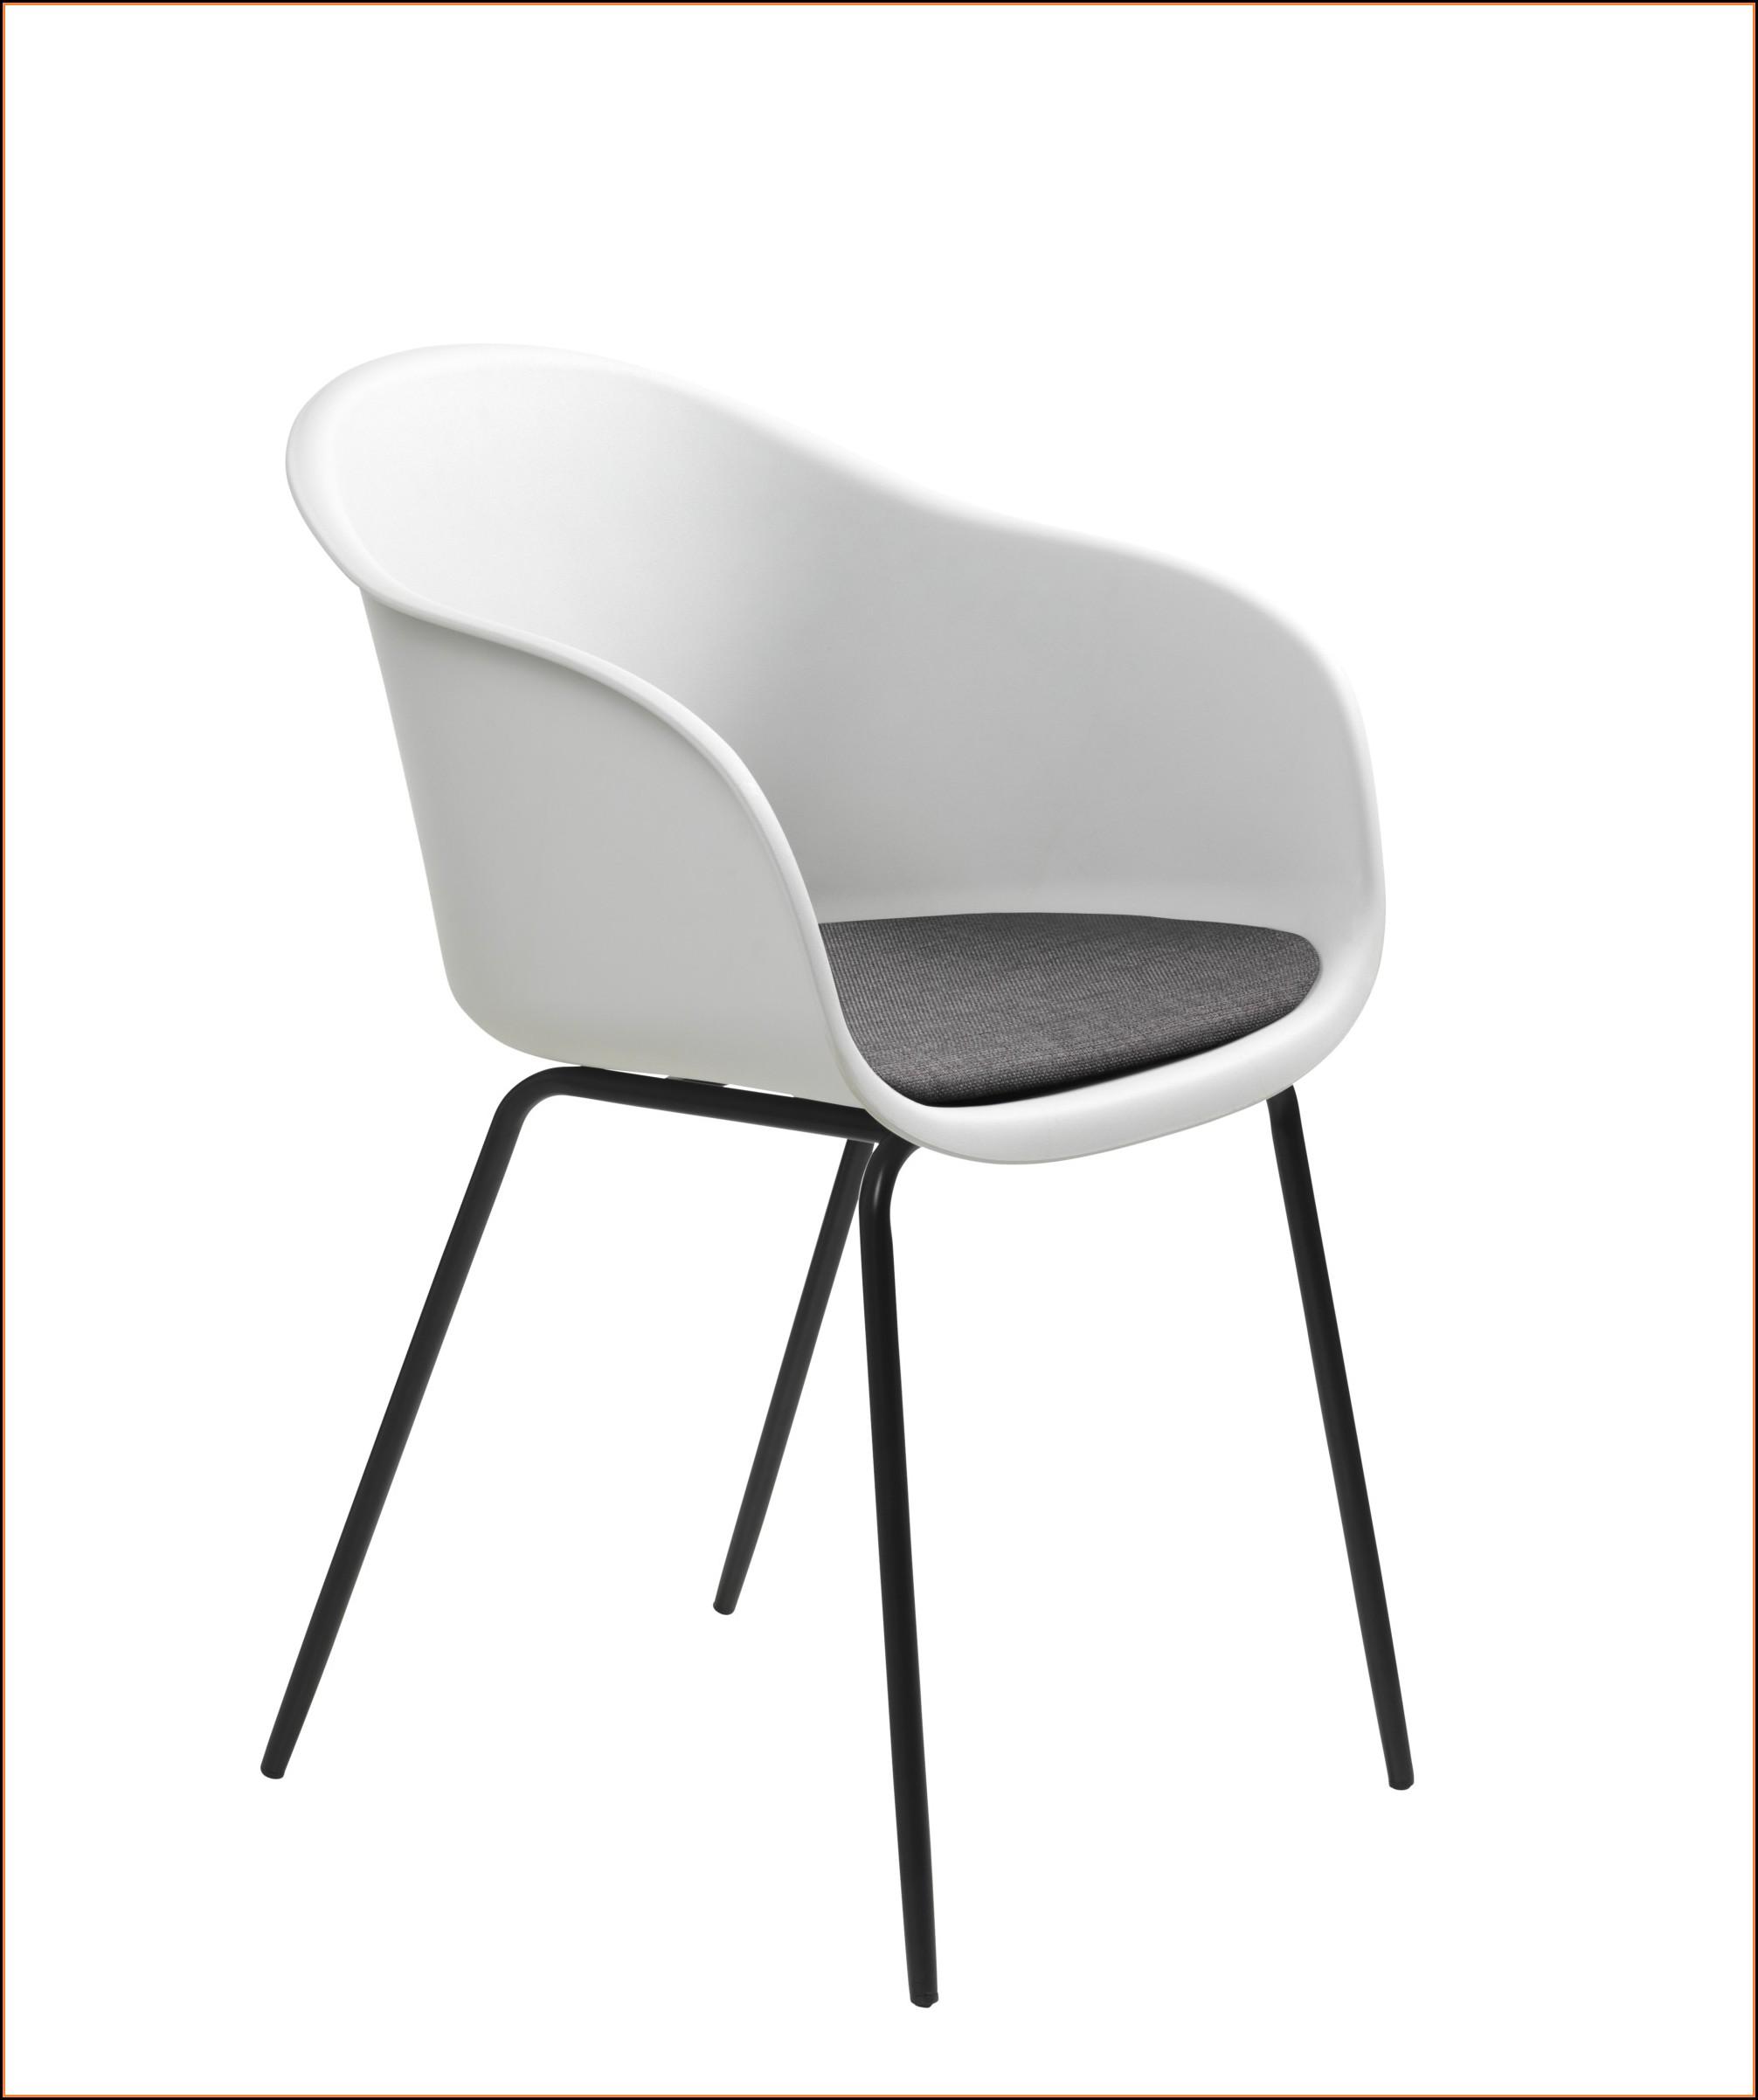 Esszimmerstuhl Weiss Design